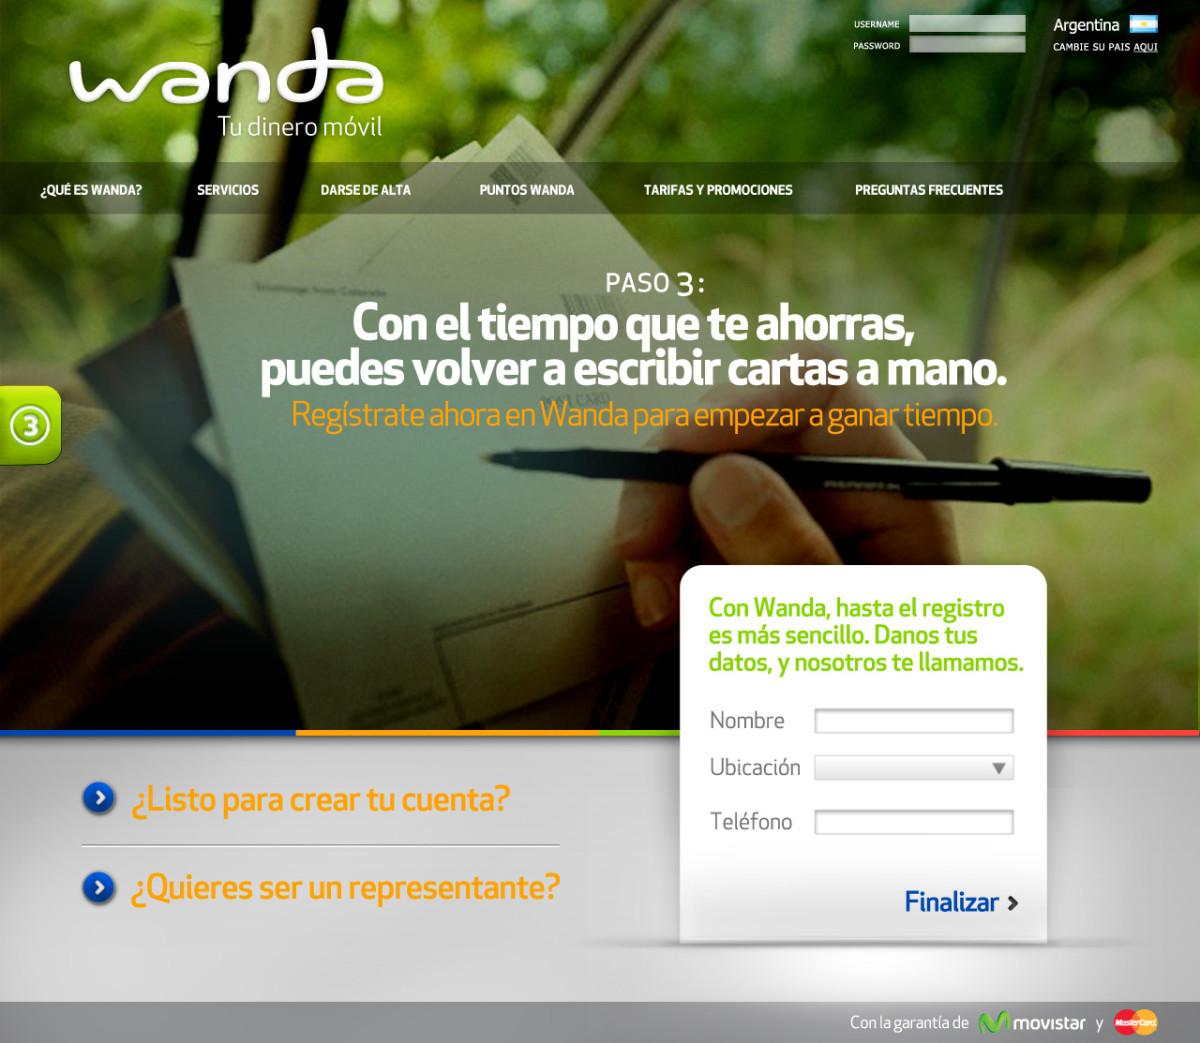 wanda_v2_3